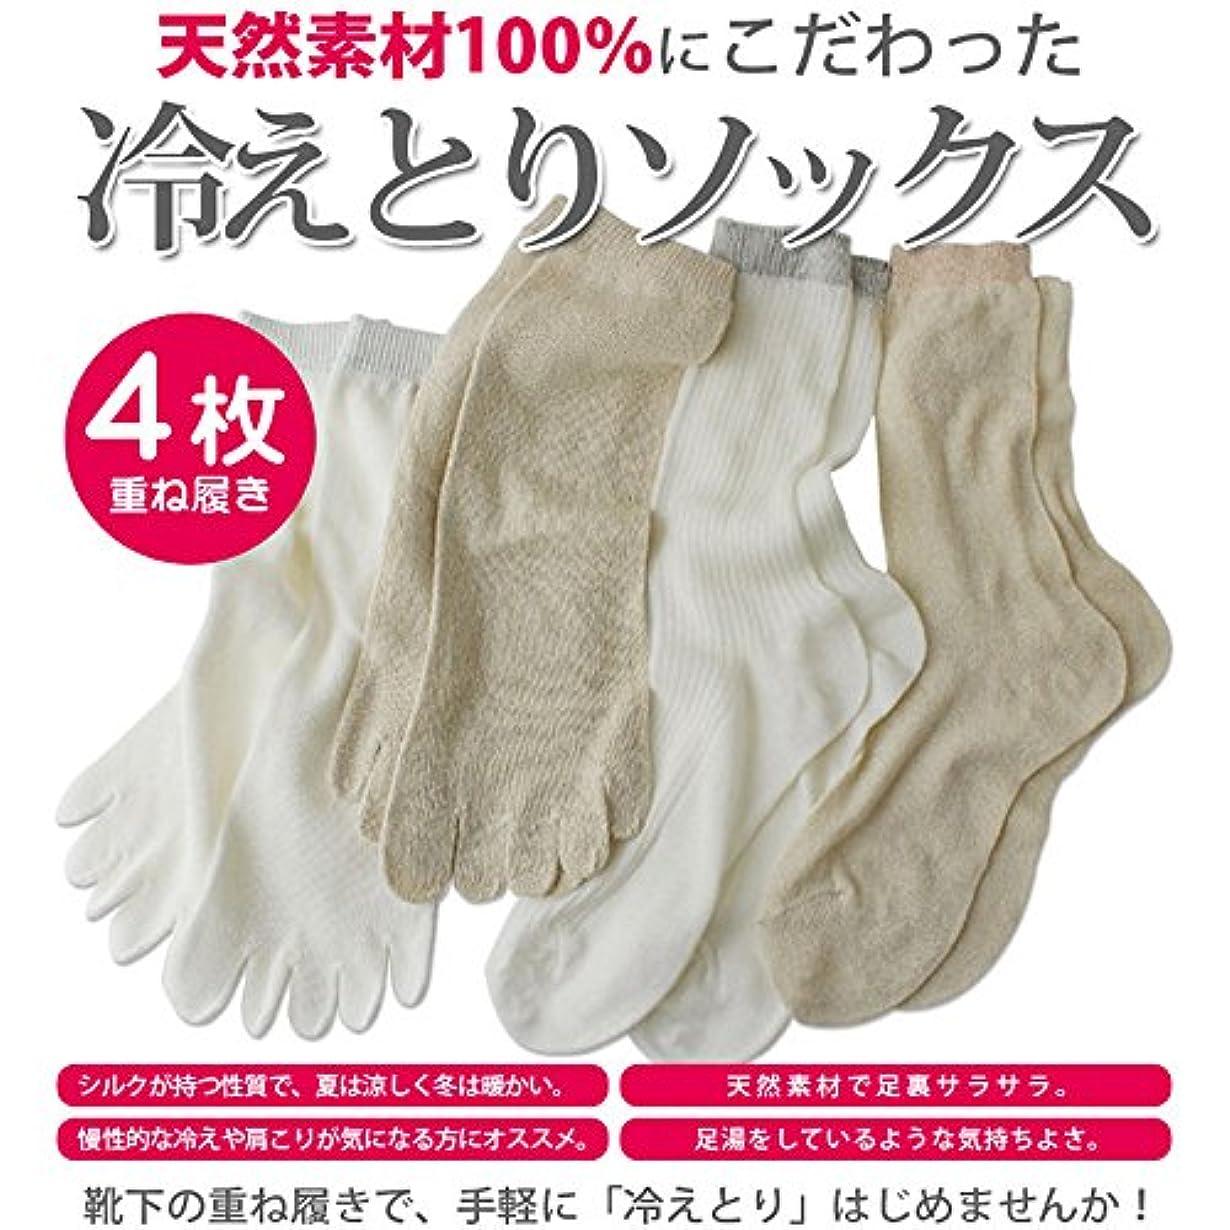 無駄な作ります子冷え取り靴下 綿100%とシルク100% 呼吸ソックス 4枚重ねばきであったか 4枚セット